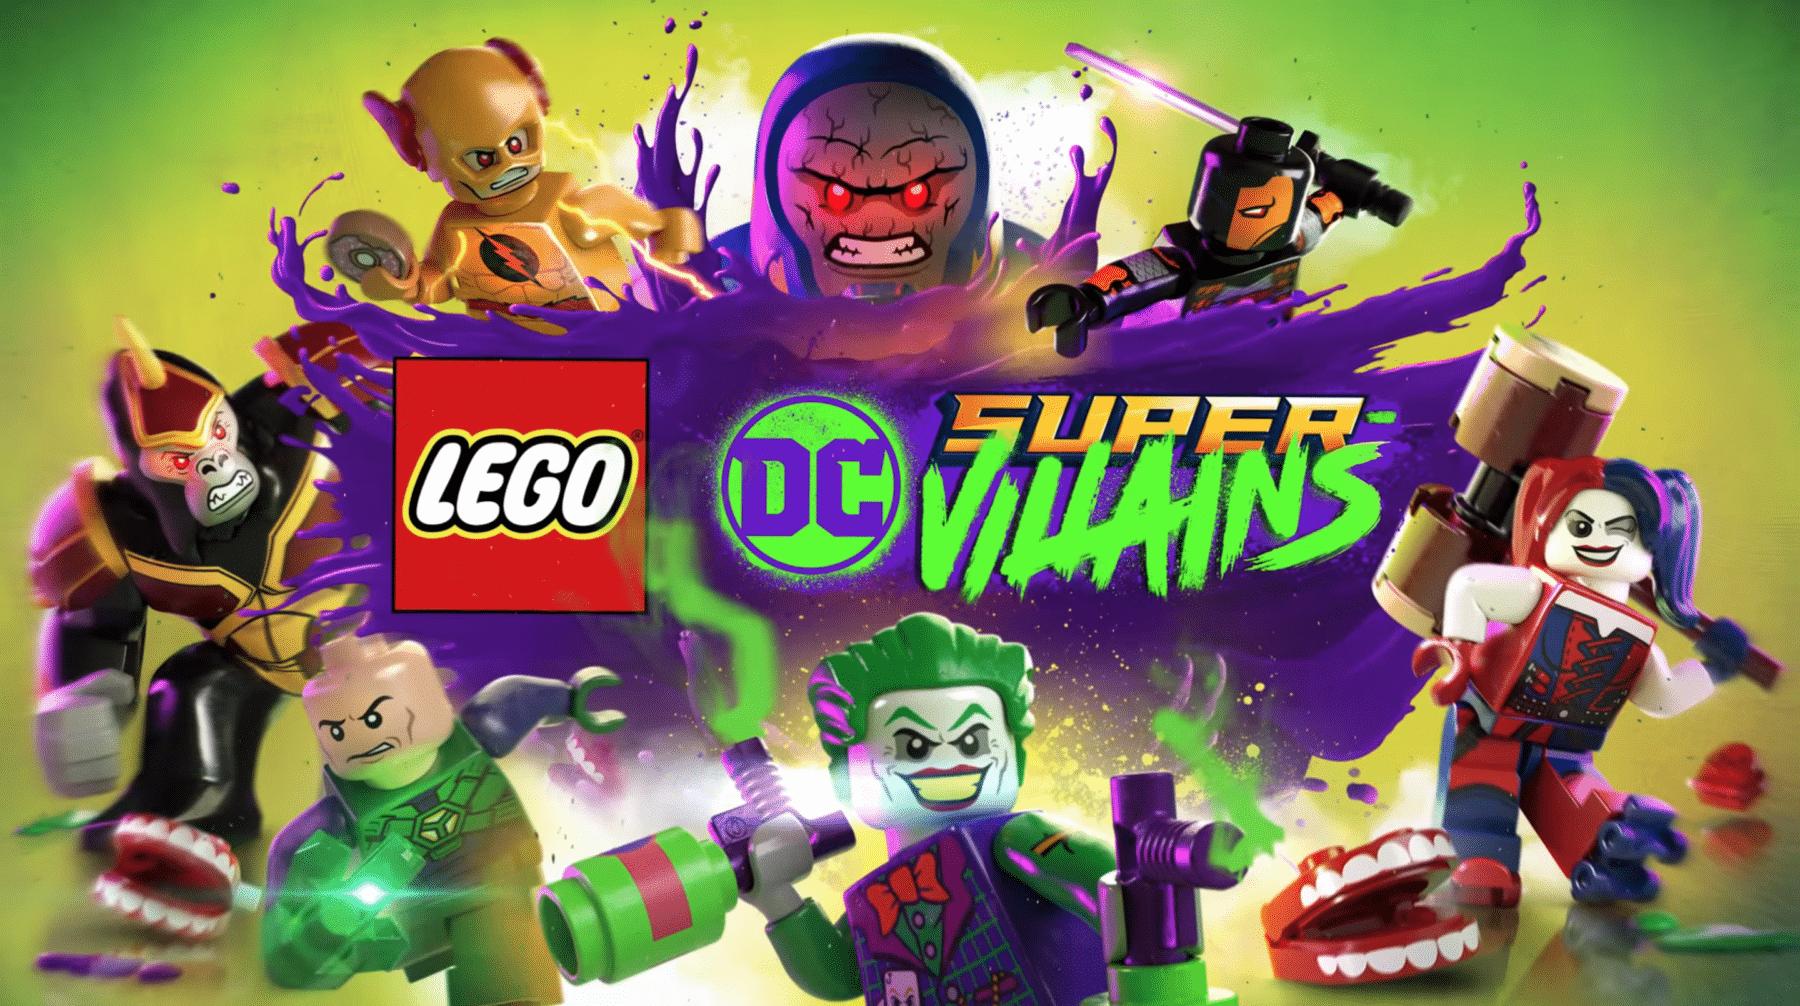 Primer trailer de LEGO DC Super-Villains revelado en San Diego Comic-Con